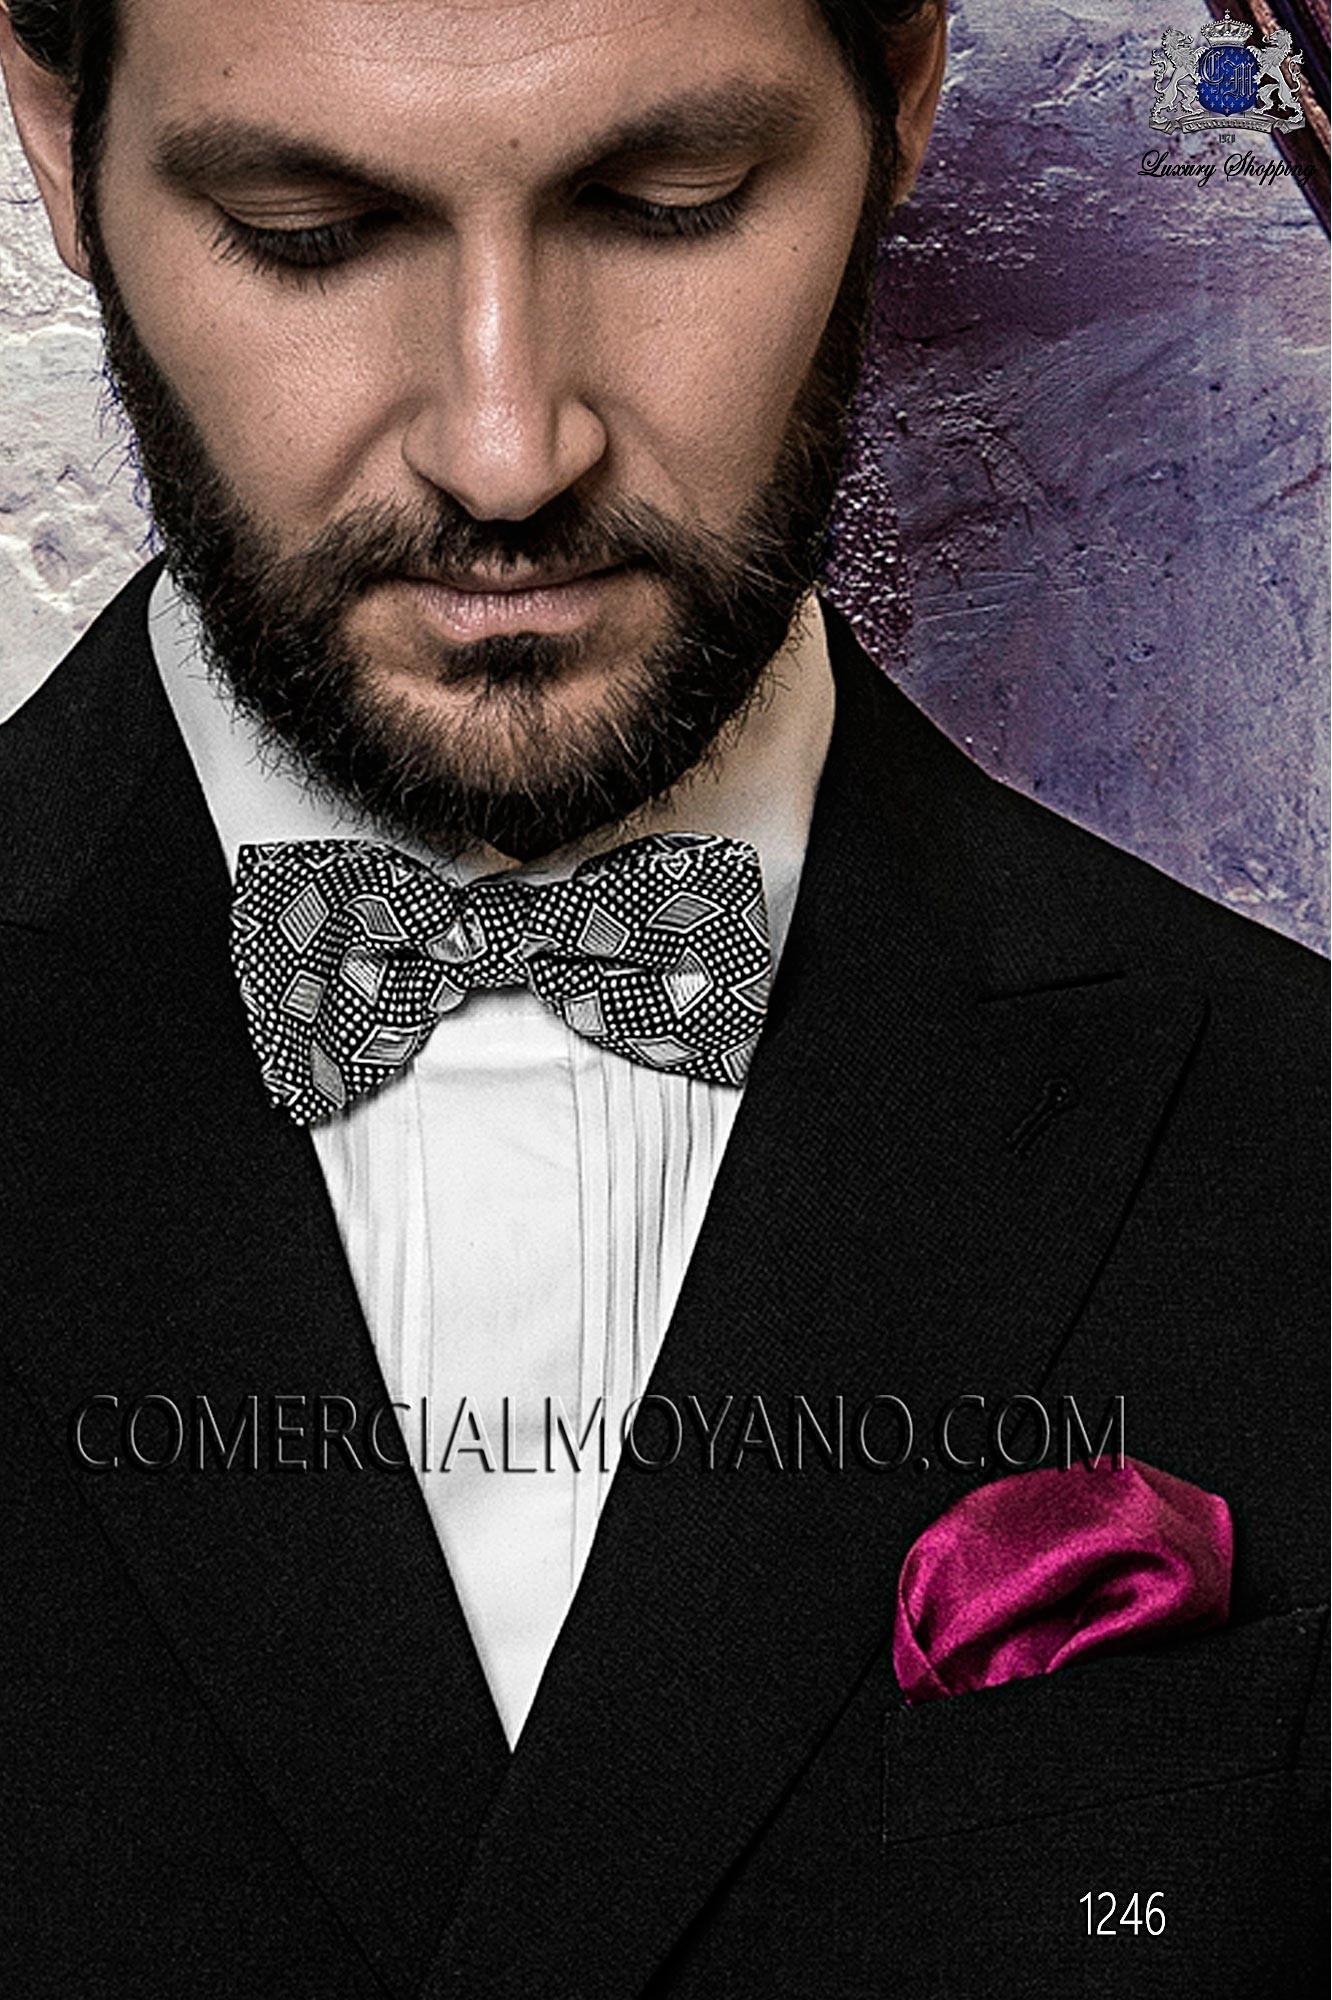 Italian blacktie Black men wedding suit, model: 1246 Ottavio Nuccio Gala 2017 Black Tie Collection